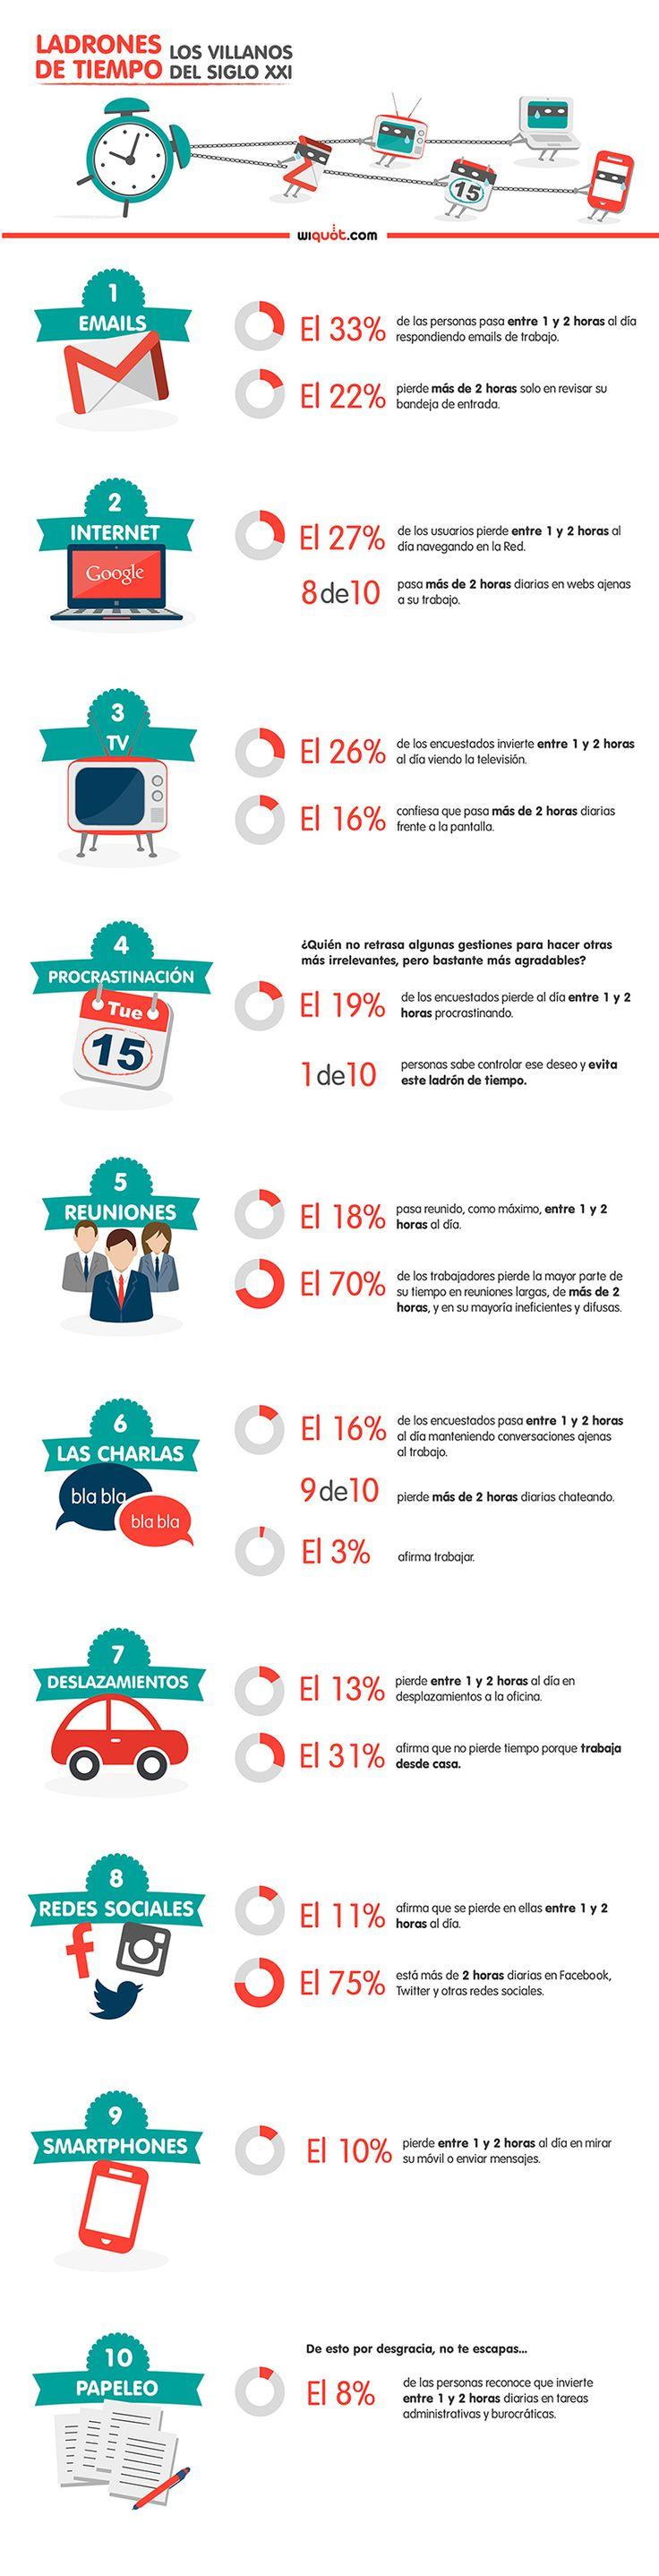 Ladrones del tiempo: villanos del siglo XXI #infografia #infographic